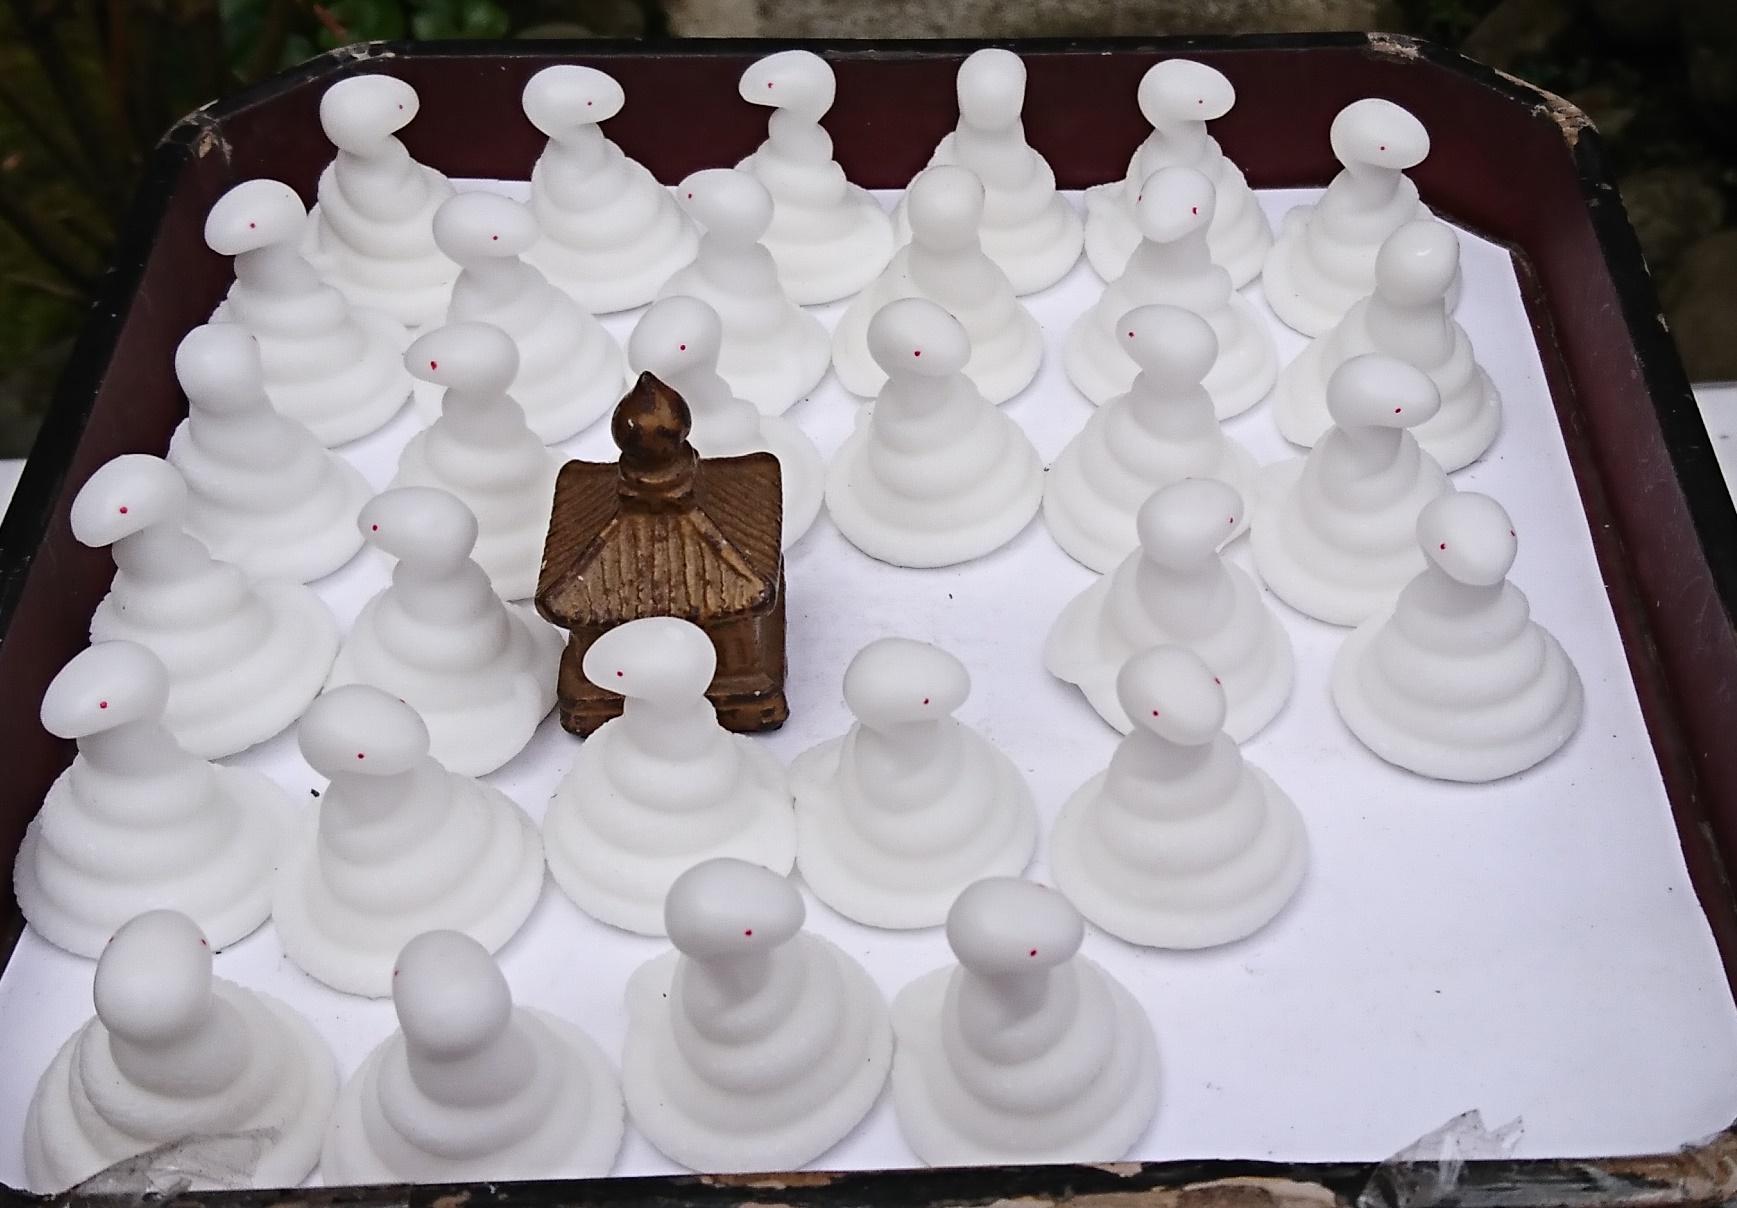 江ノ島神社の奉安殿の入り口にある願立ての巳さま